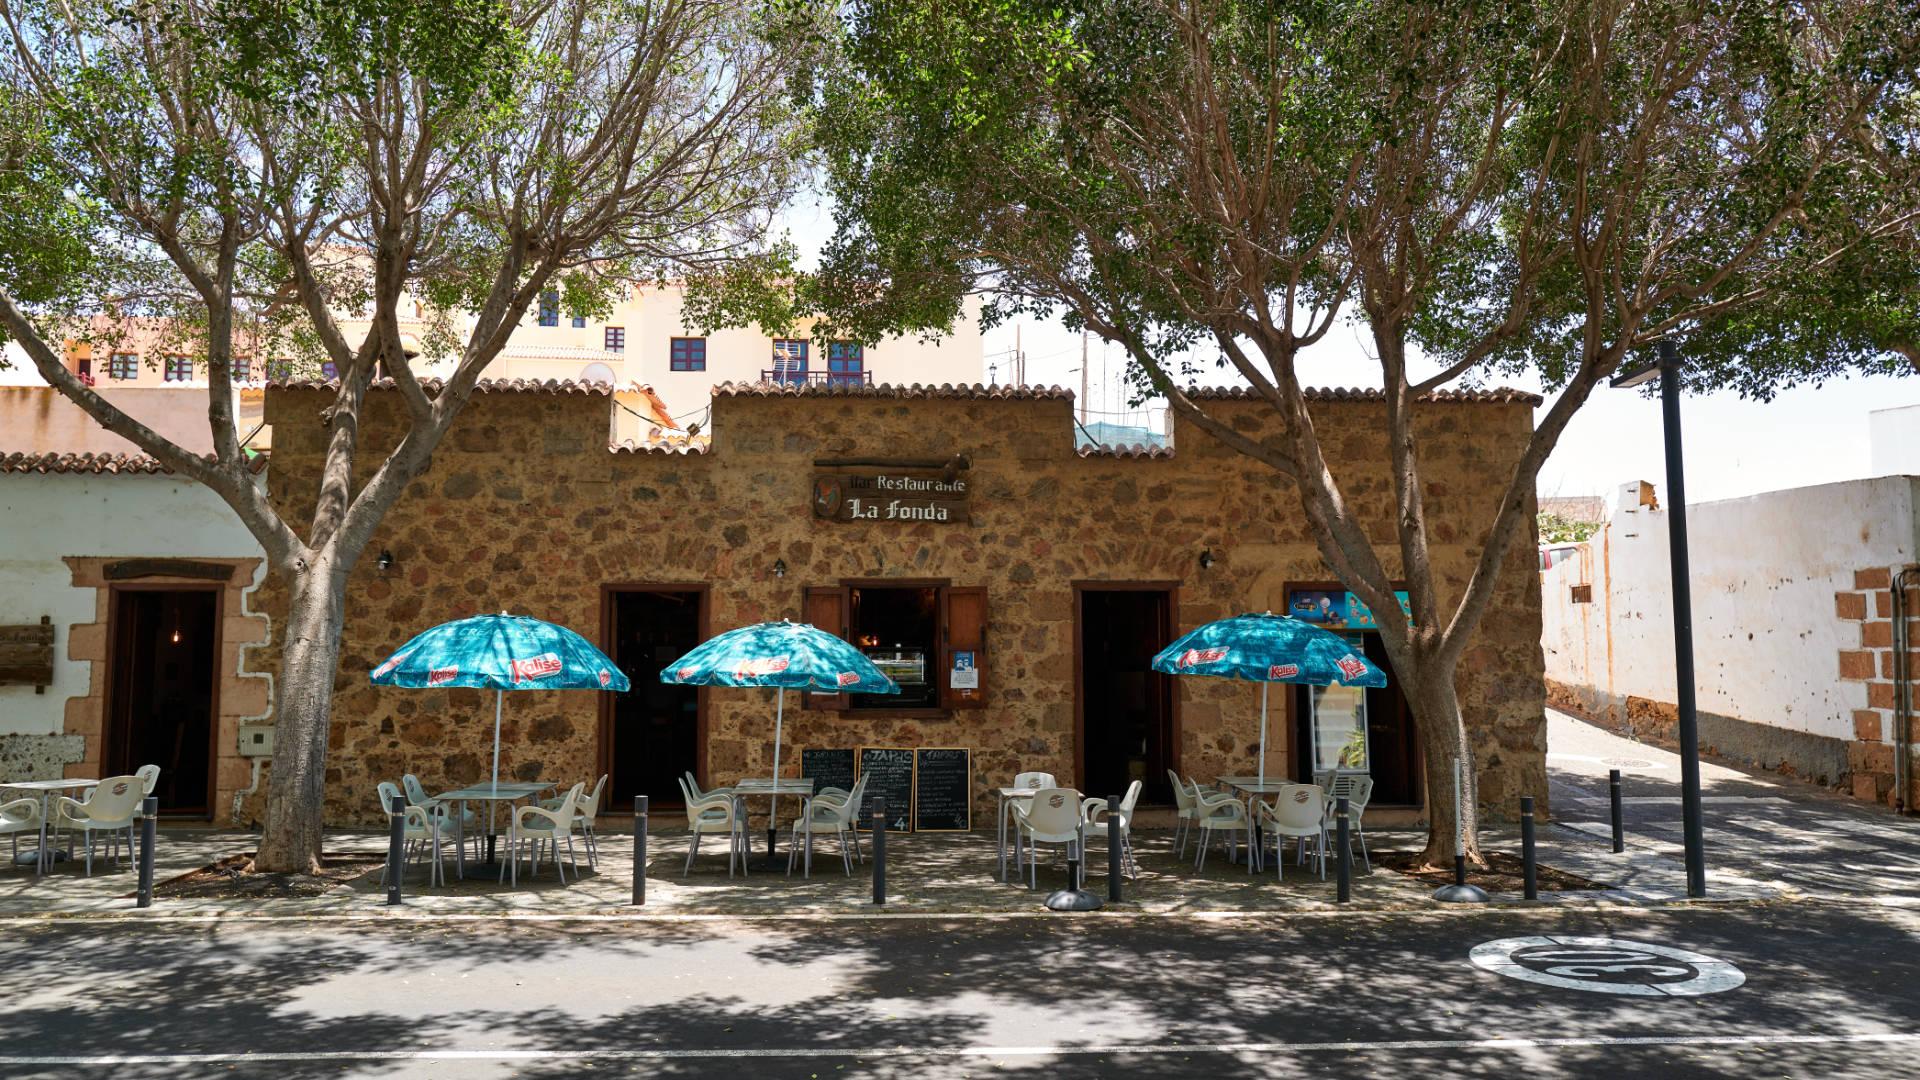 Der Ort Pájara auf Fuerteventura.